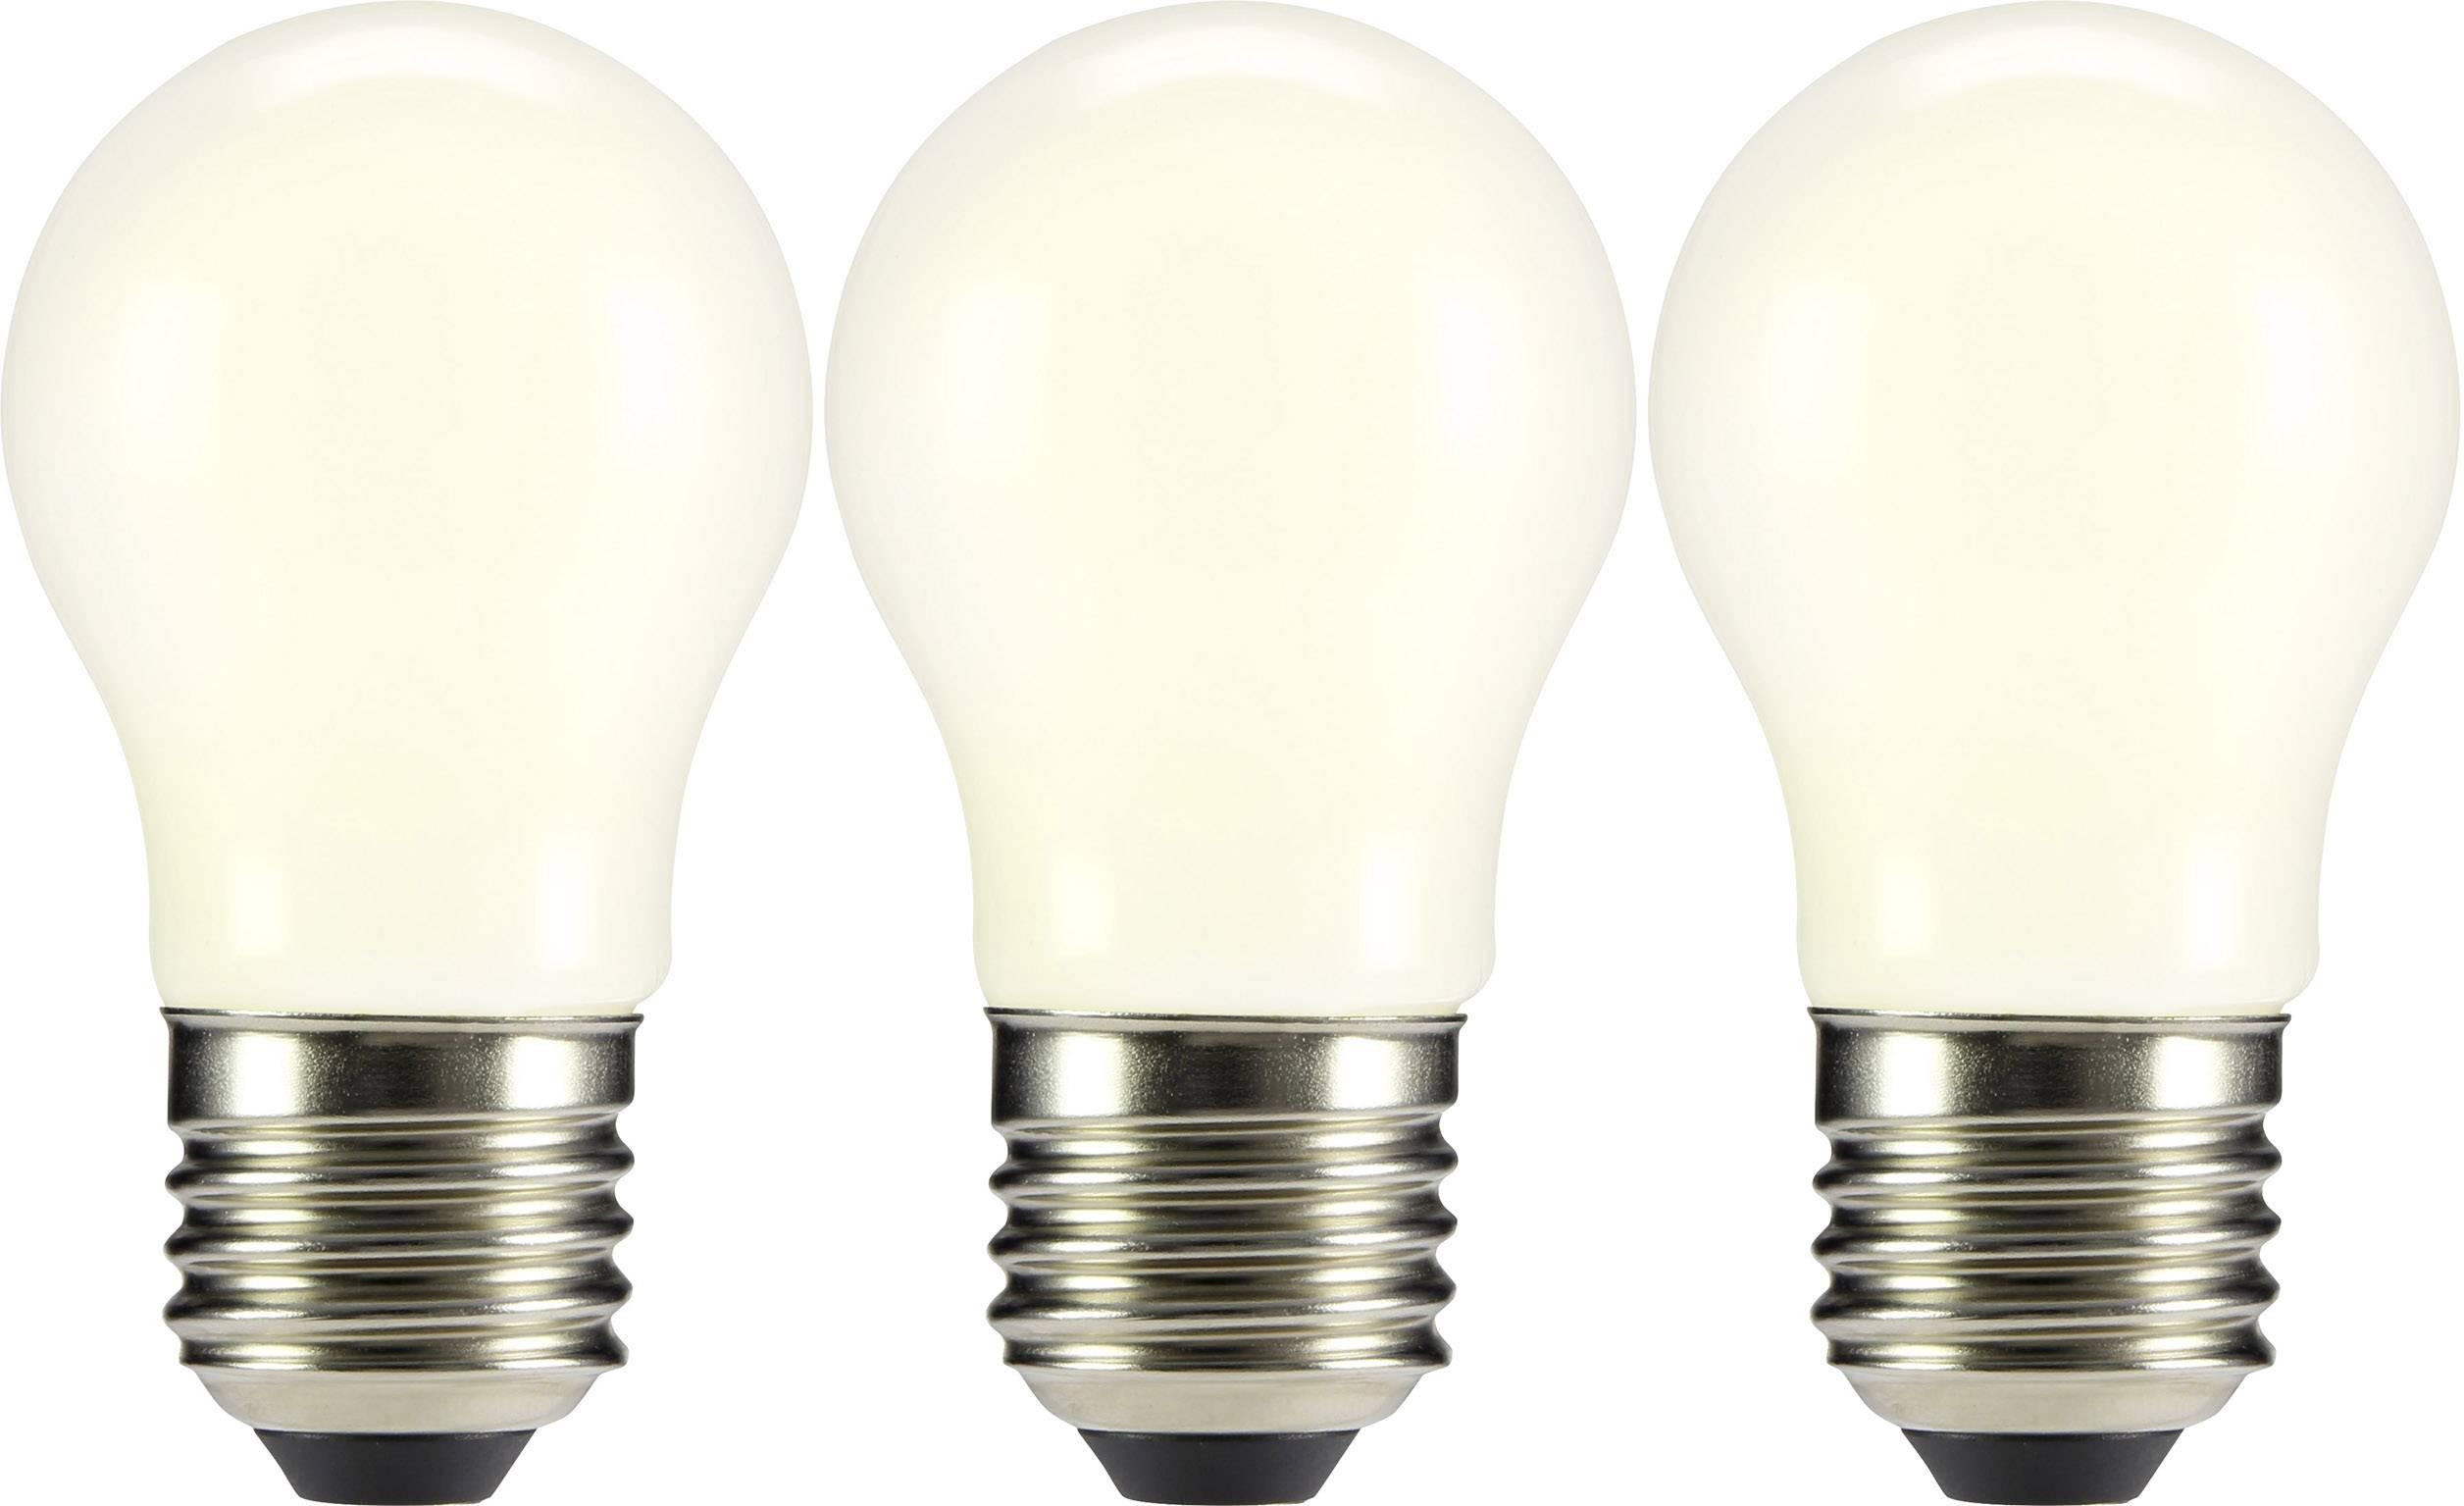 LED žárovka Sygonix 230 V, E27, 2 W = 23 W, teplá bílá, A++, kapkovitý tvar, vlákno, 3 ks